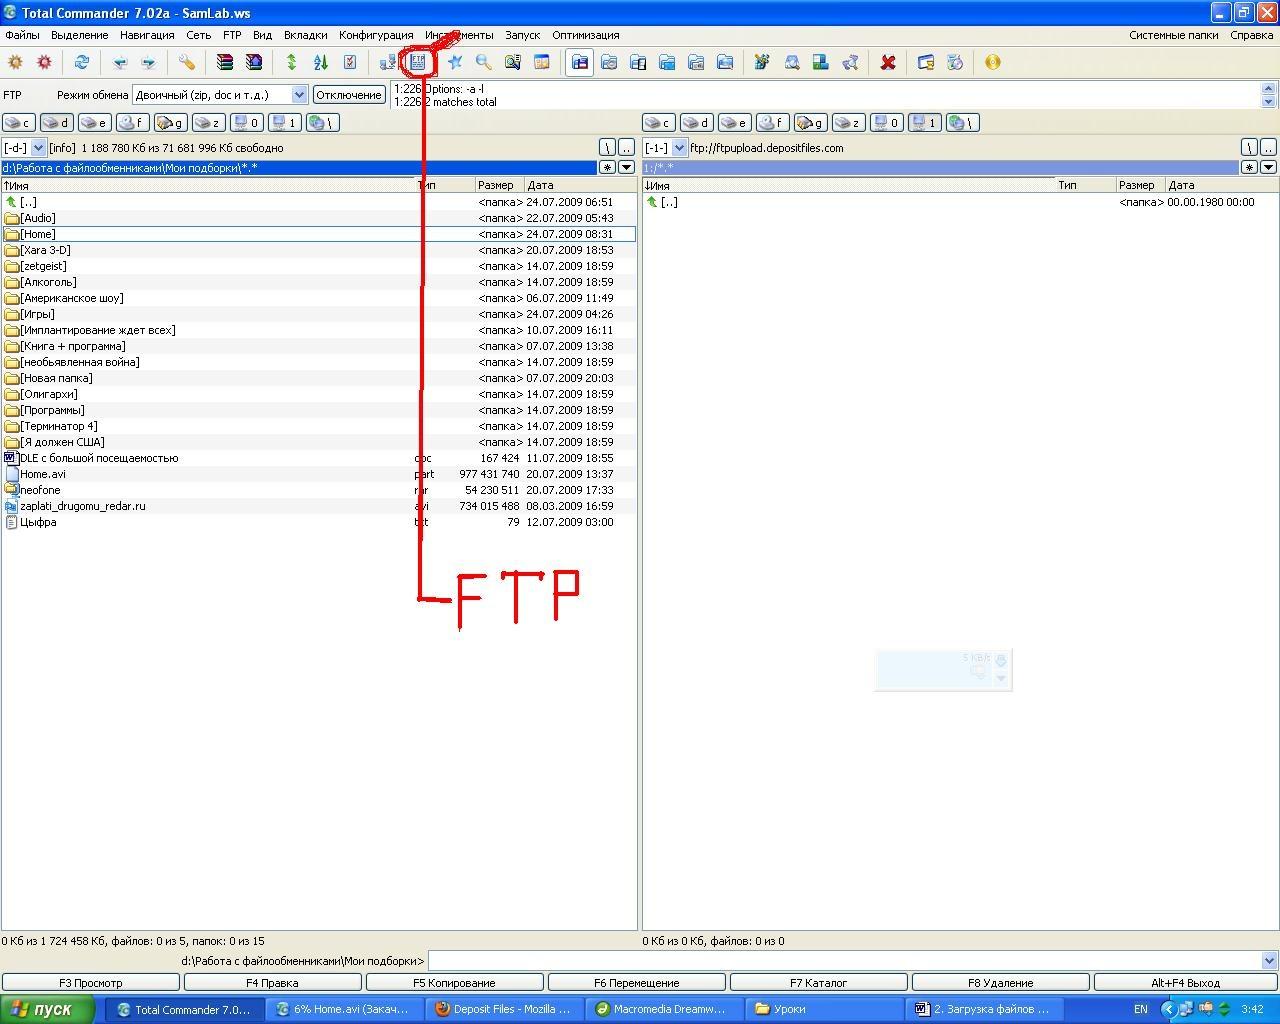 Как настроить программу Тотал Коммандер под себя Библиотека вебмастера 52